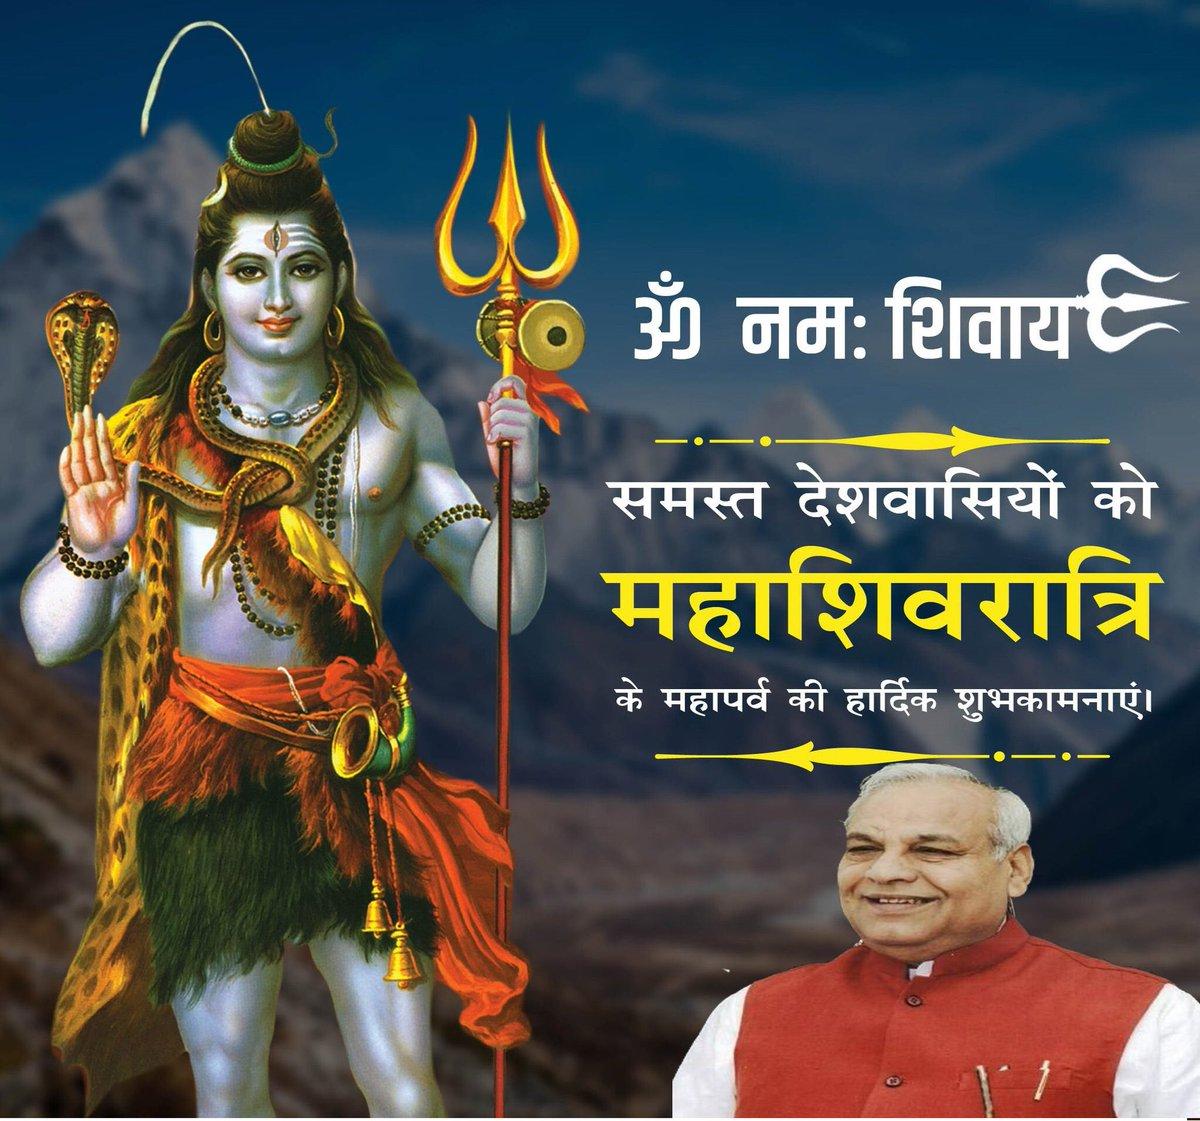 *।।शिवो भूत्वा शिवं यजेत।।*   अर्थात शिव बनकर शिव की पूजा करो। शिव का अर्थ है कल्याणकारी। राष्ट्र के कल्याण की भावना से कार्य करना ही शिव पूजा है।    महाशिवरात्रि की शुभकामनाएँ |  #महाशिवरात्रि #mahashivratri